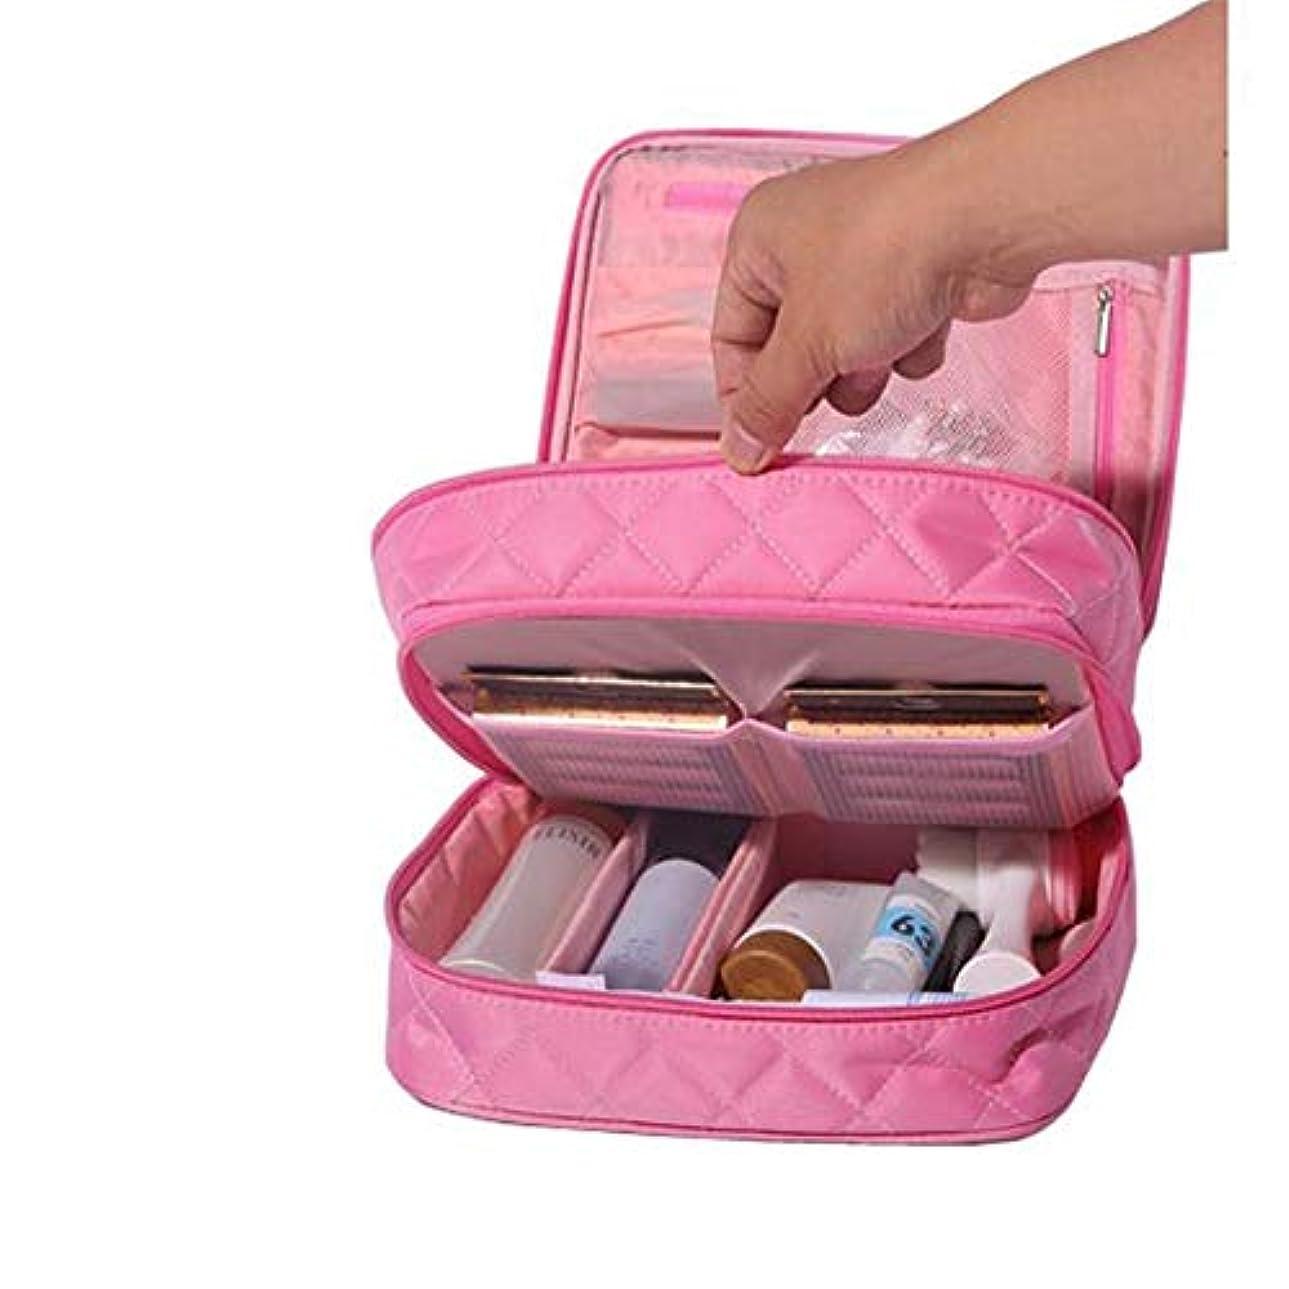 流すこどもの宮殿魔女特大スペース収納ビューティーボックス 化粧品袋、携帯用旅行化粧品の箱、化粧品の箱、収納箱、調節可能なディバイダーが付いている小型化粧の電車箱、化粧品の化粧筆、化粧品 化粧品化粧台 (色 : ピンク)